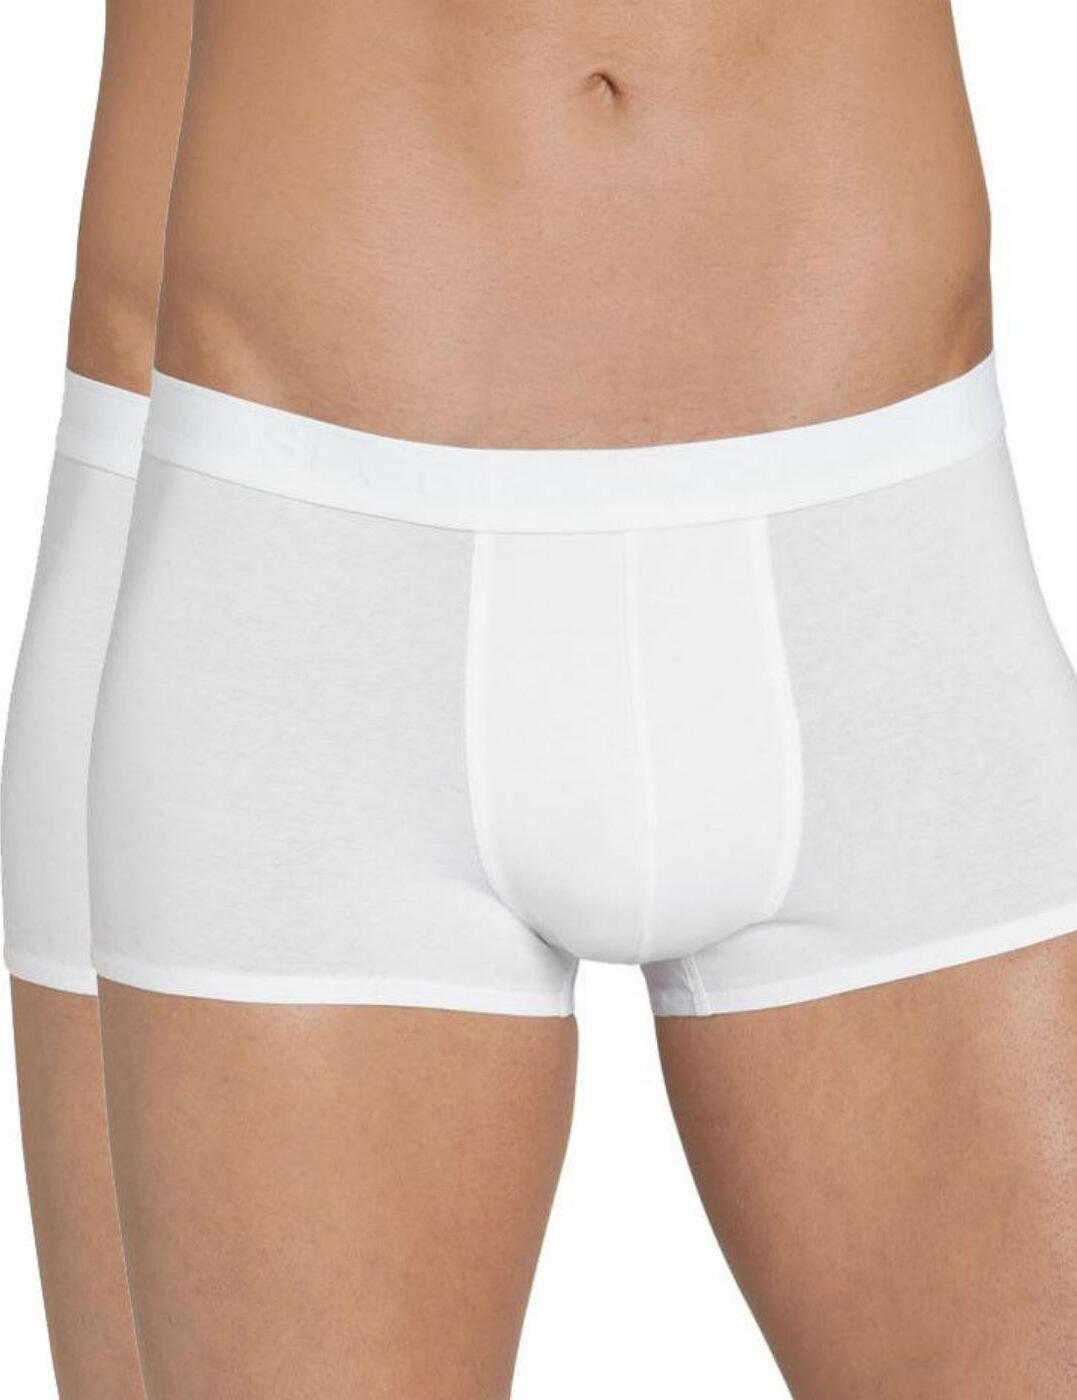 10156829 Sloggi Men EverNew Short (2 Pack) - 10156829 White